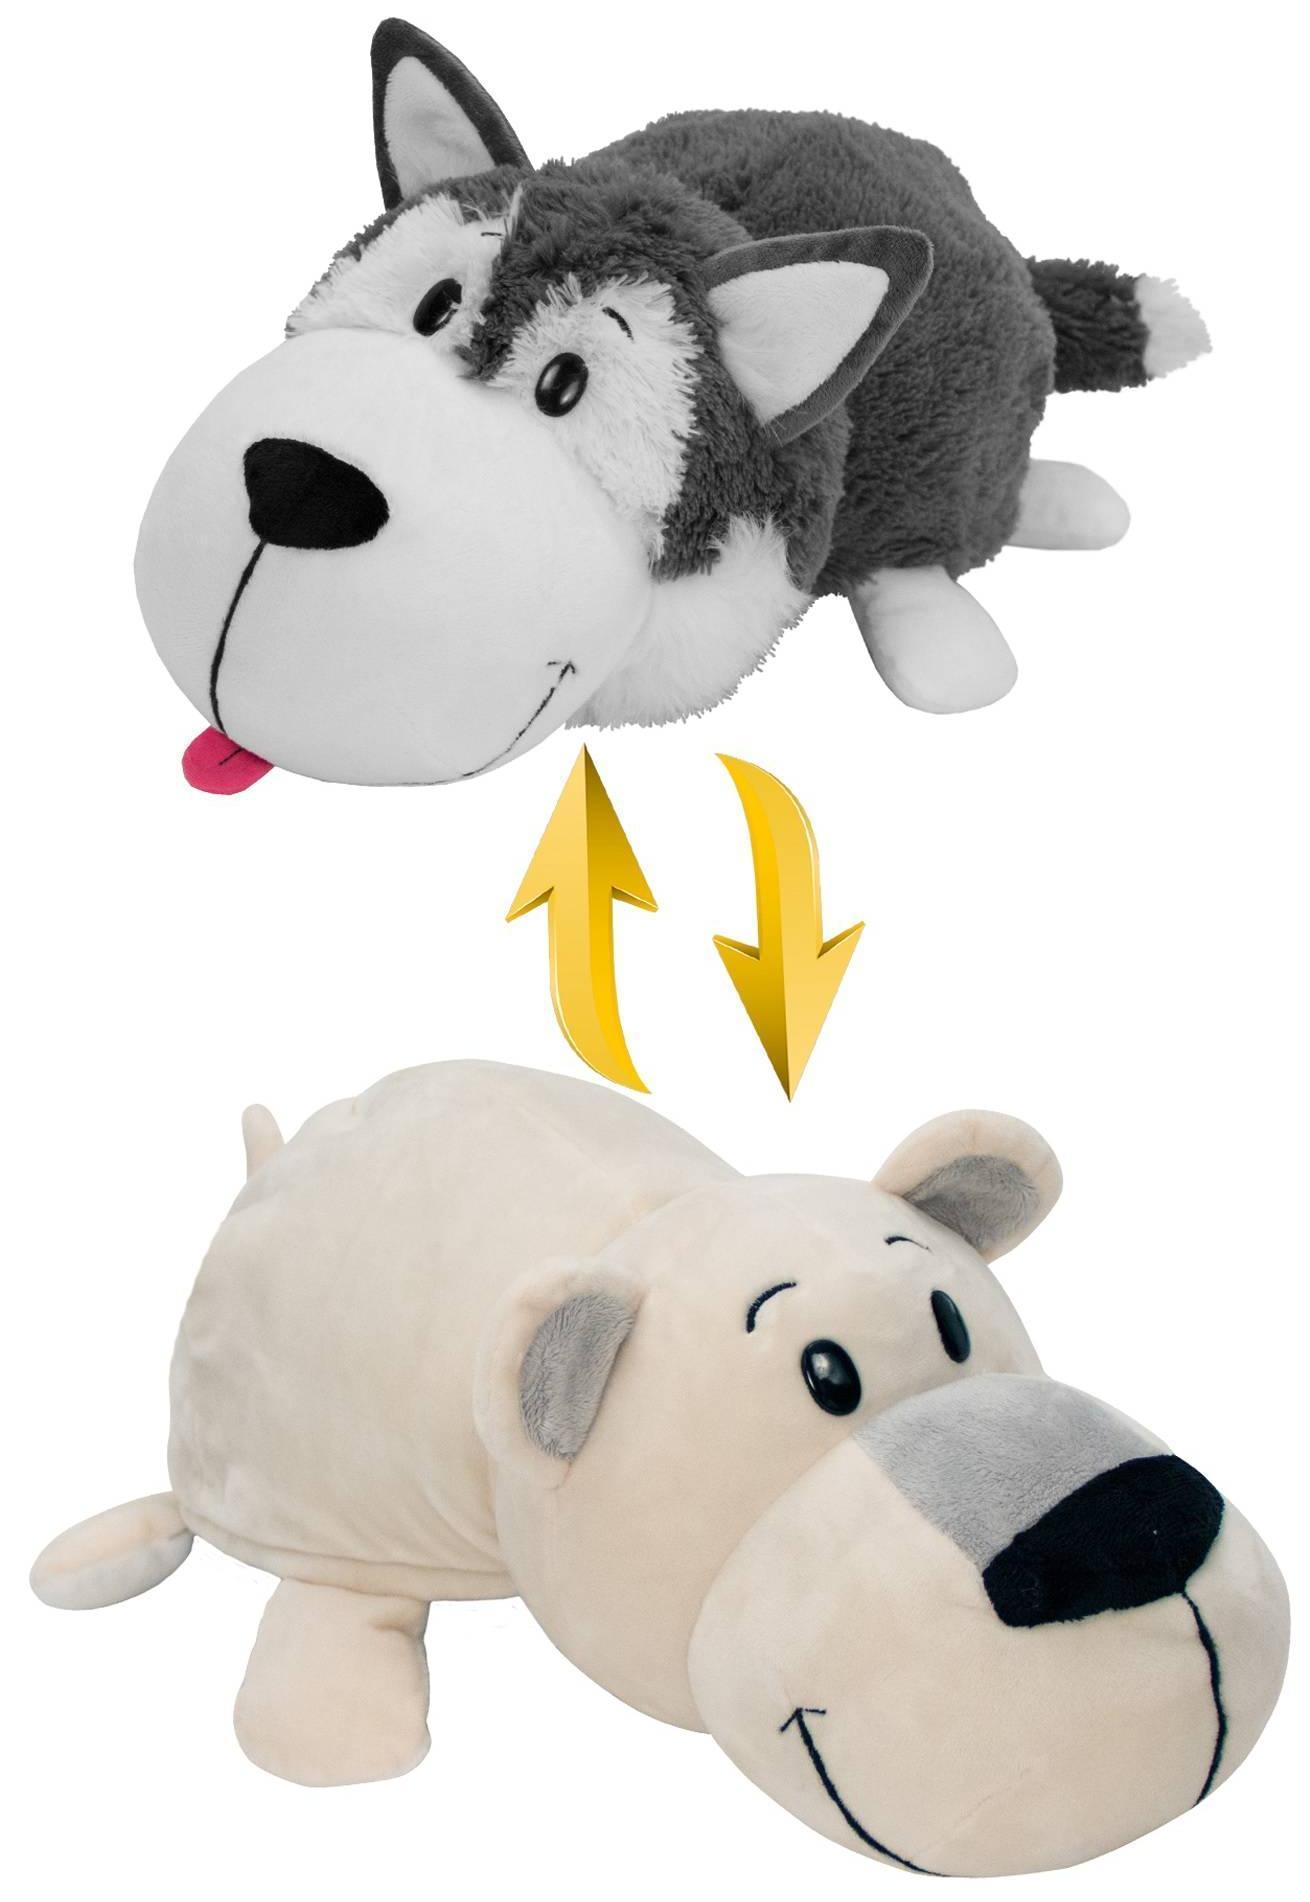 Купить 1Toy Хаски-Полярный медведь - 20 см - мягкая игрушка вывернушка, Вывернушки 1Toy, Китай